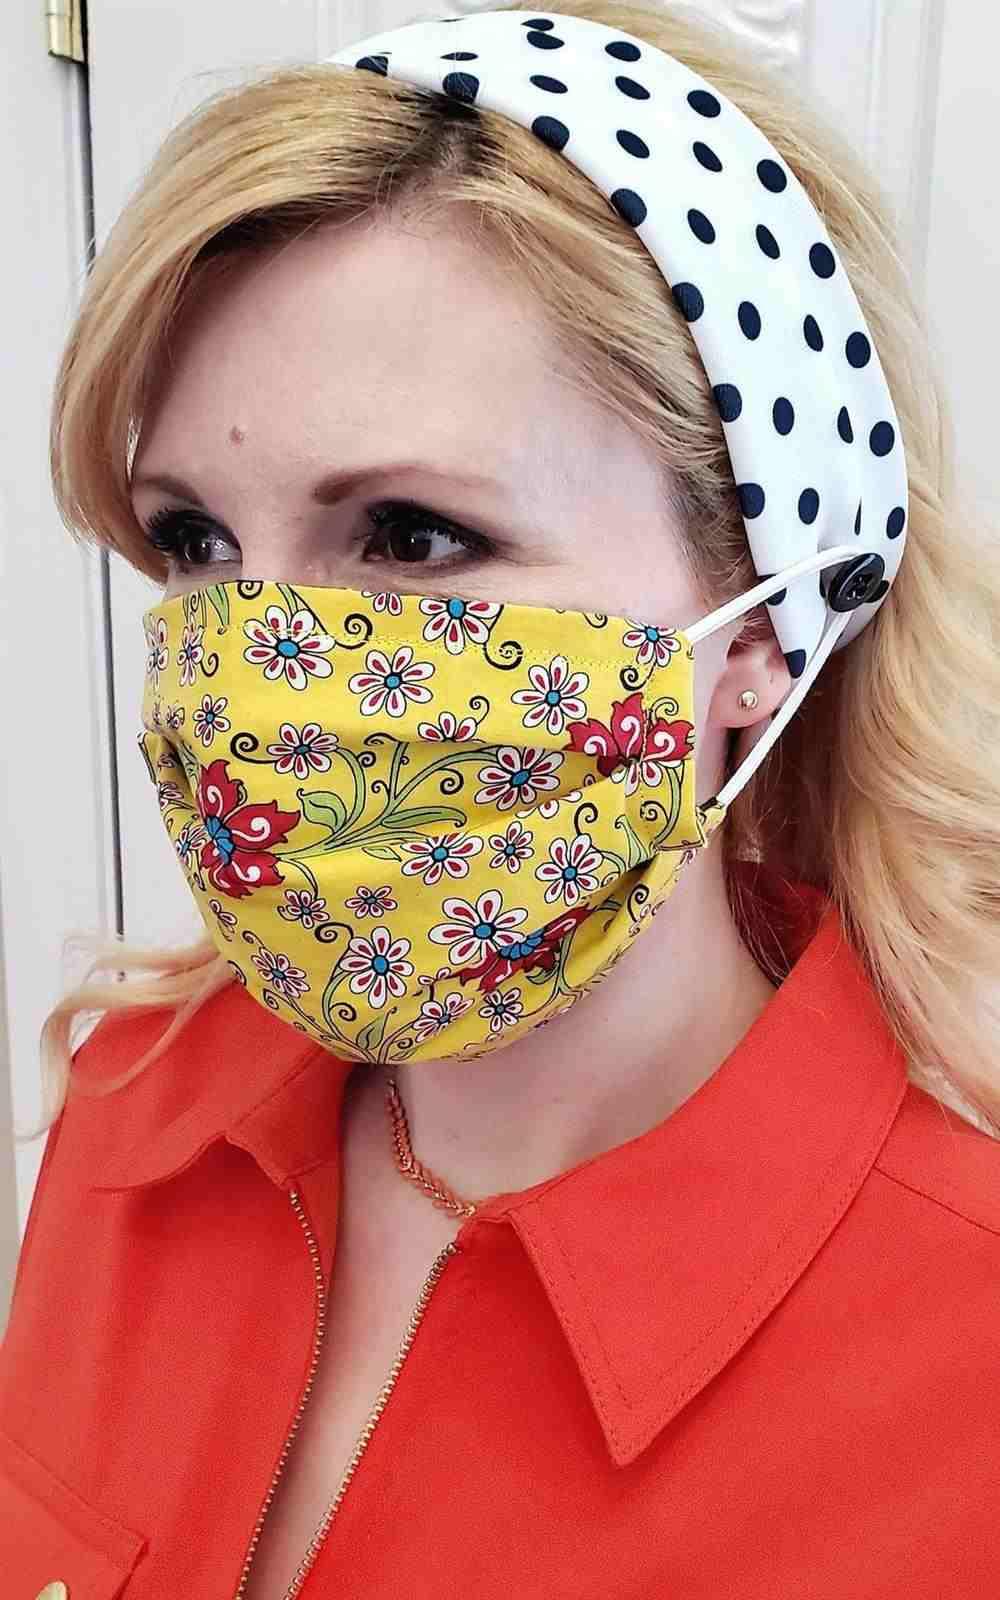 tiara para prender mascara